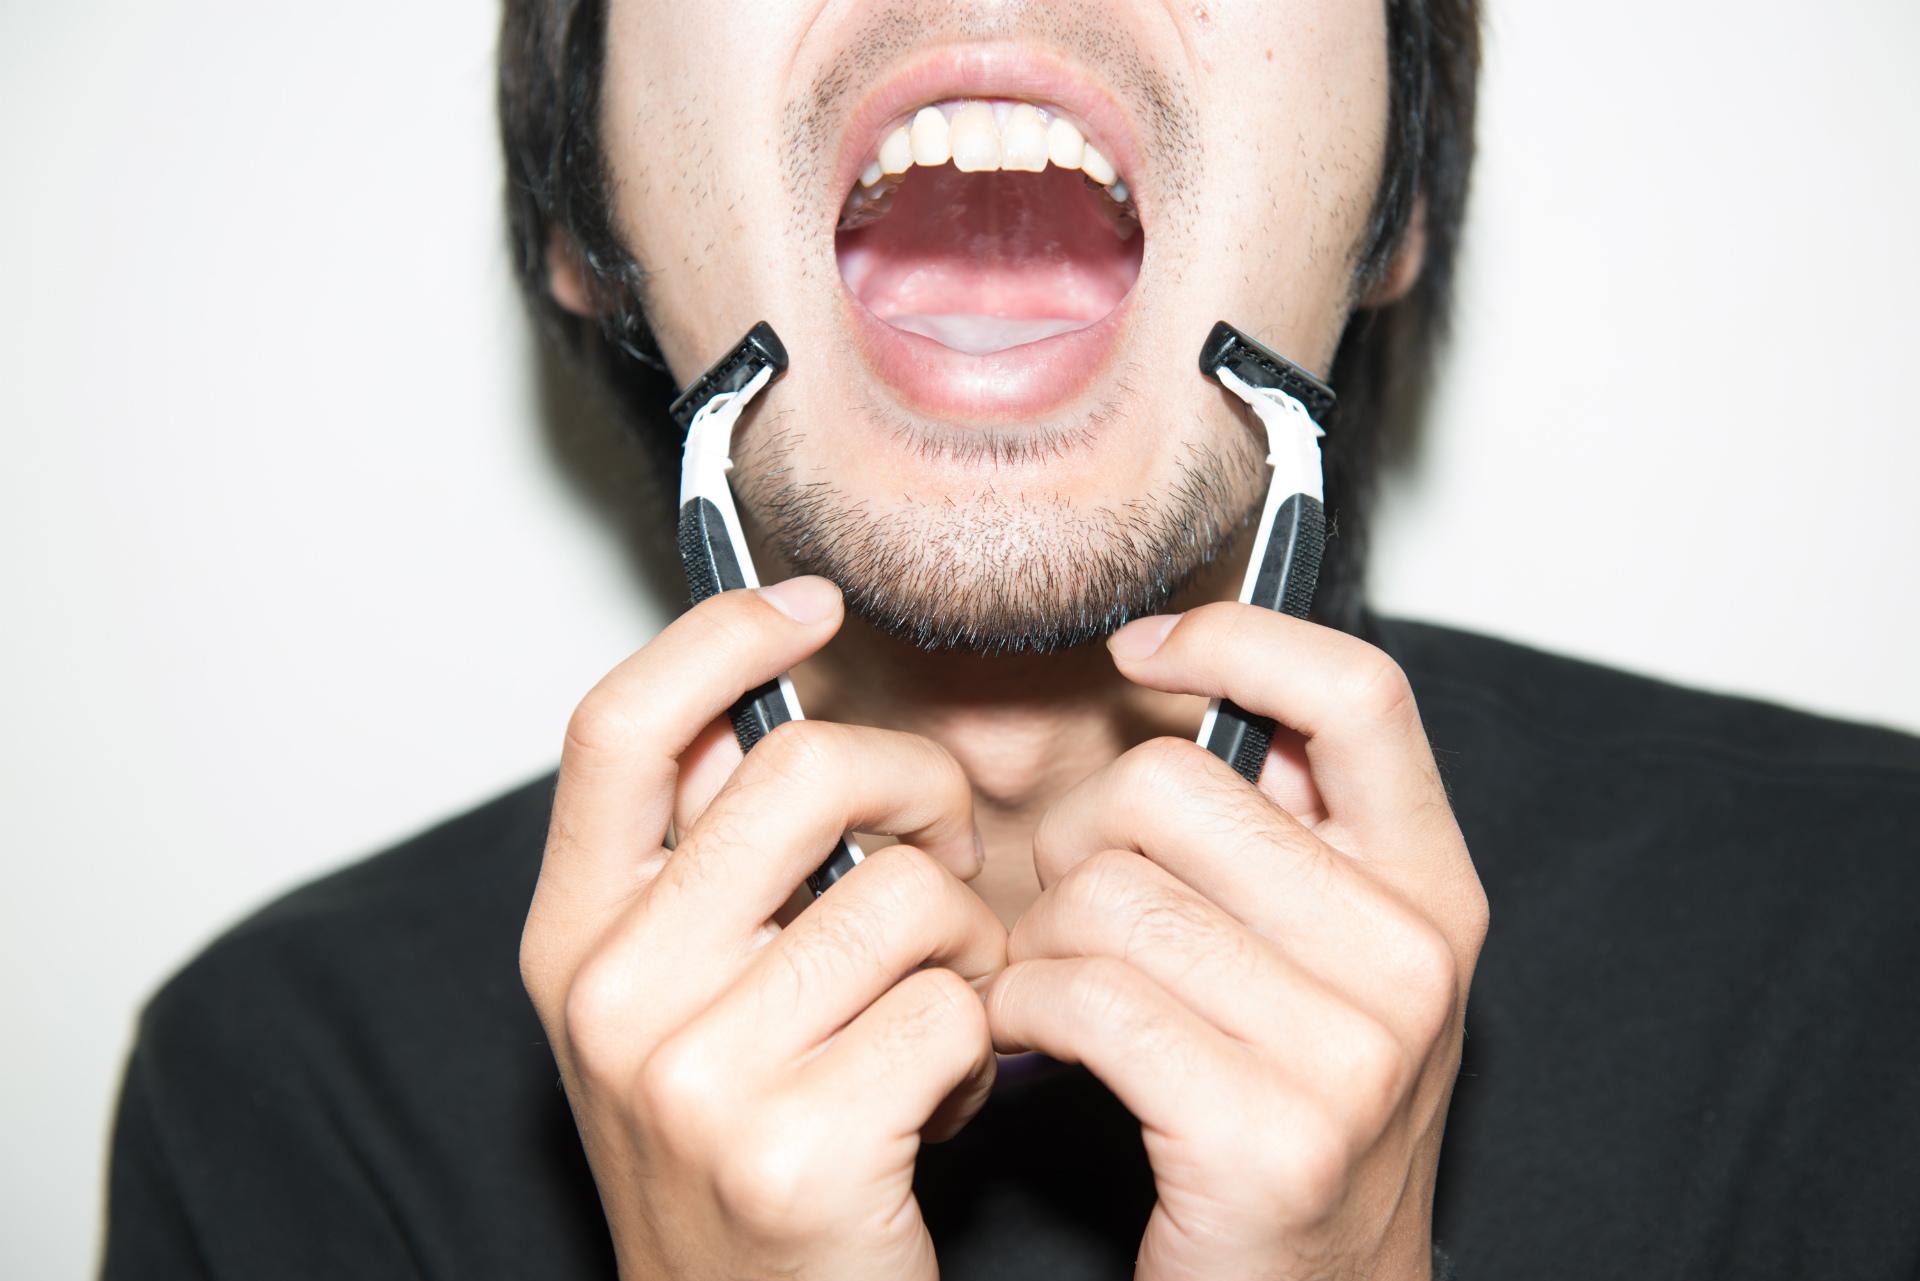 カミソリ2本による秒速ひげ剃り